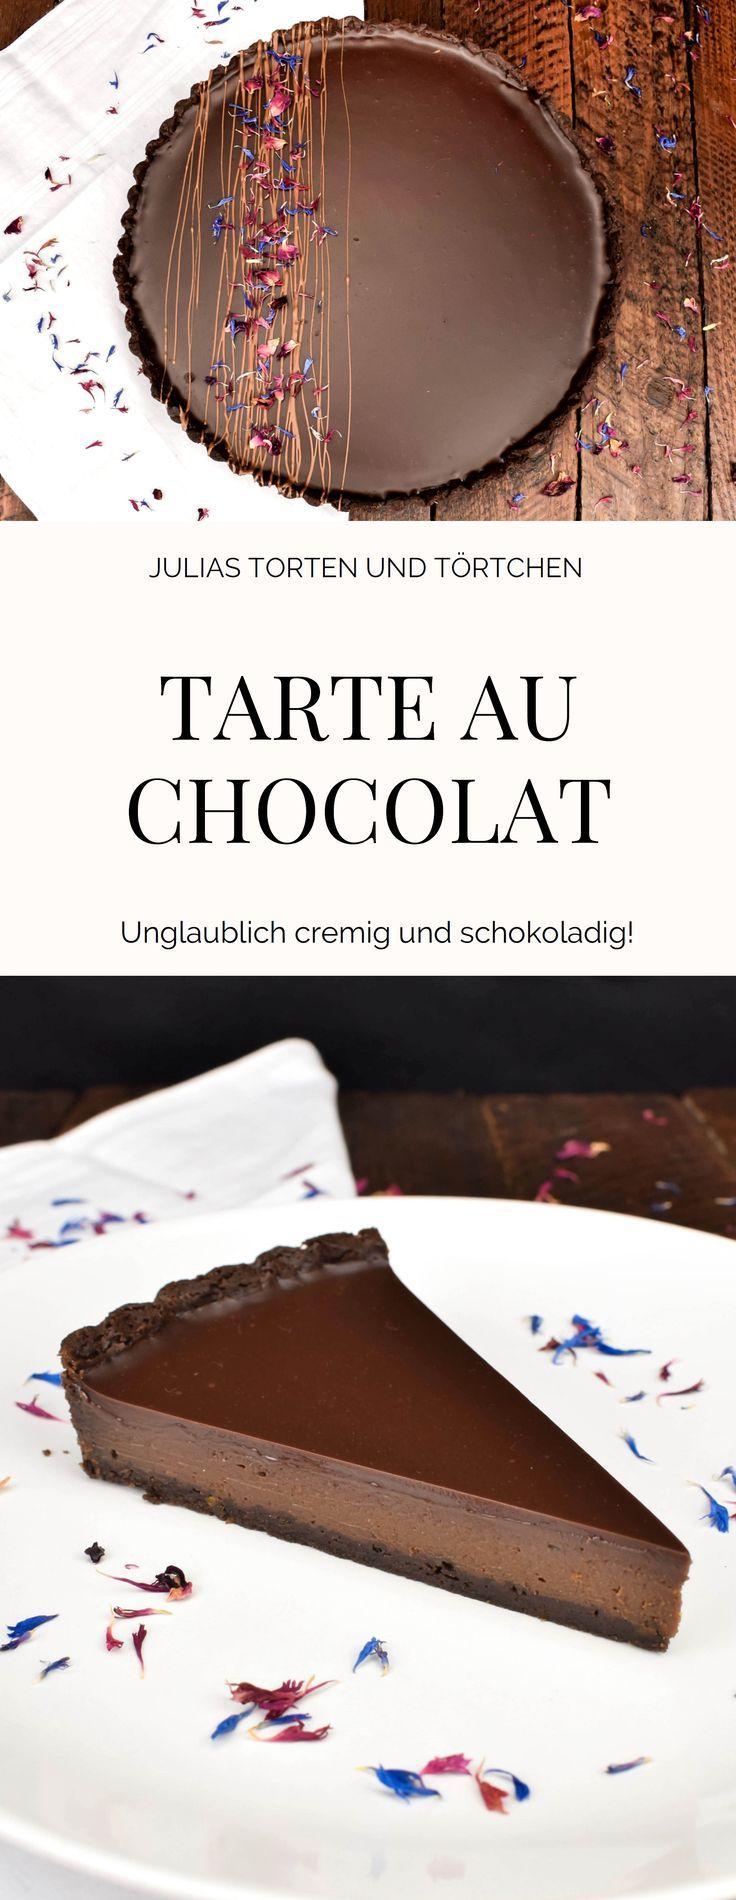 Tarte au chocolat Französische Variante der Scho…